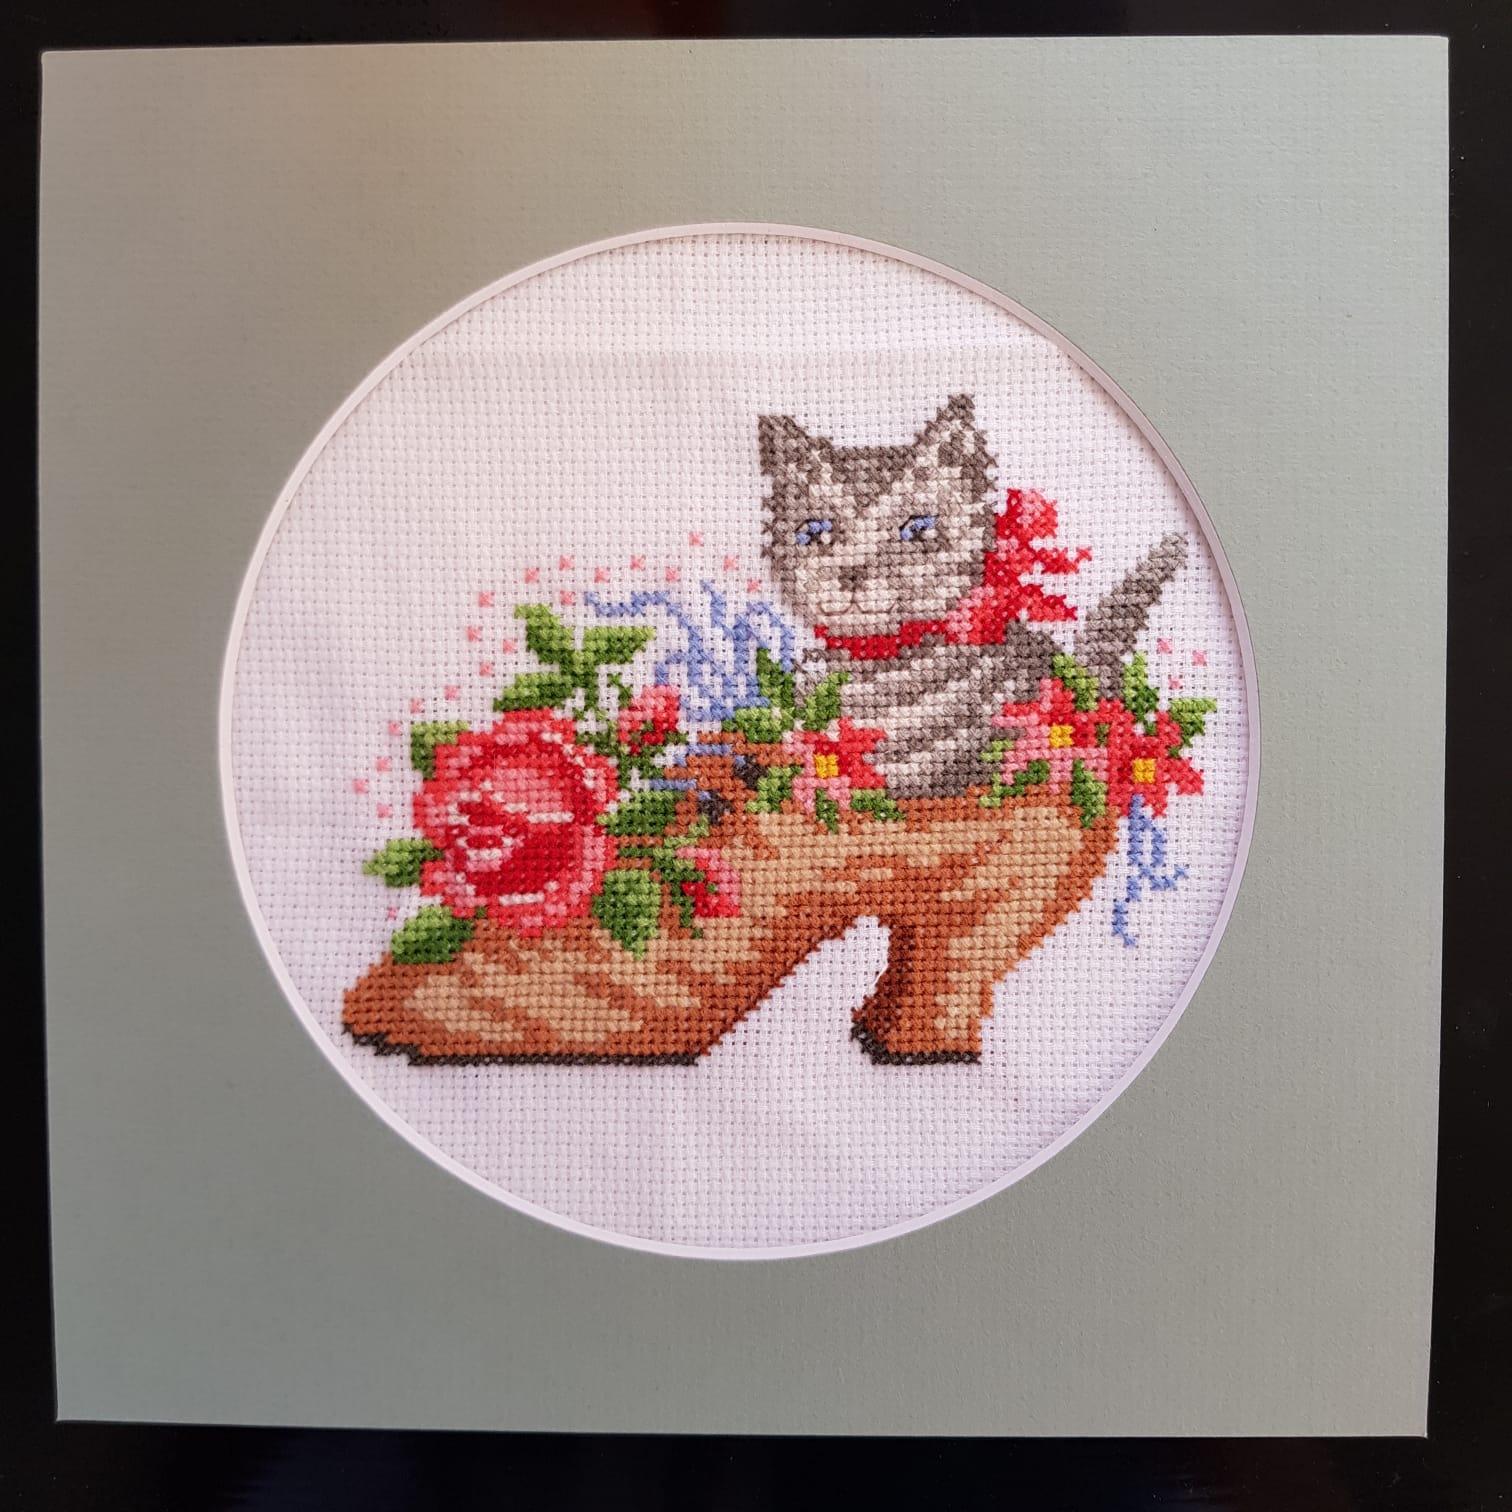 Korsstygnsbroderi. Motivet är en randig katt som sitter i en sko med blommor i.